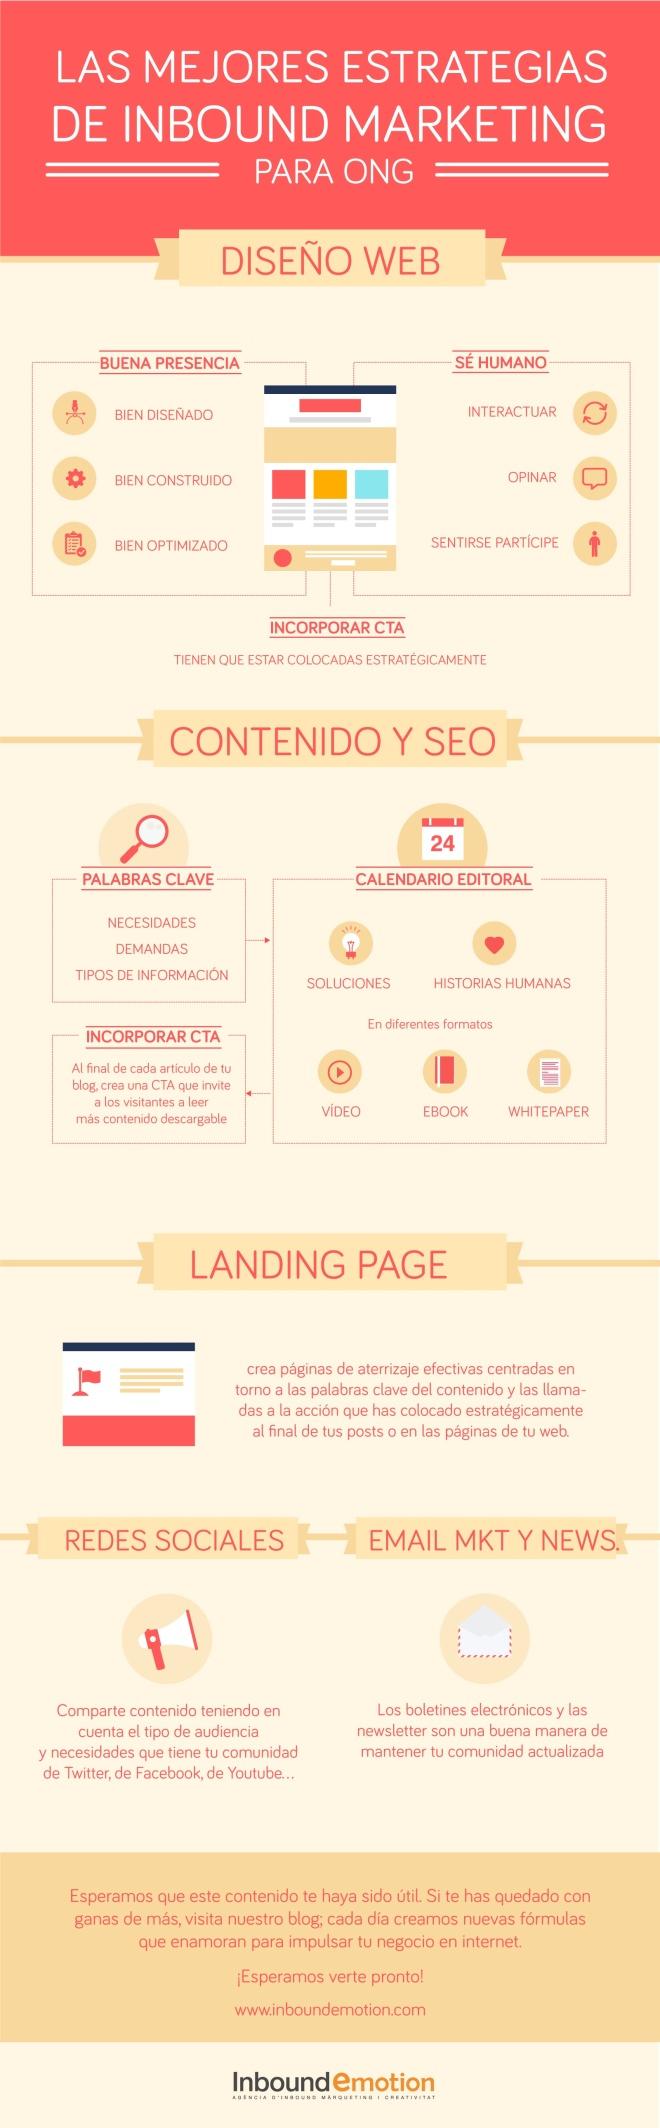 Las mejores estrategias de Inbound Marketing para ONGLas mejores estrategias de Inbound Marketing para ONG